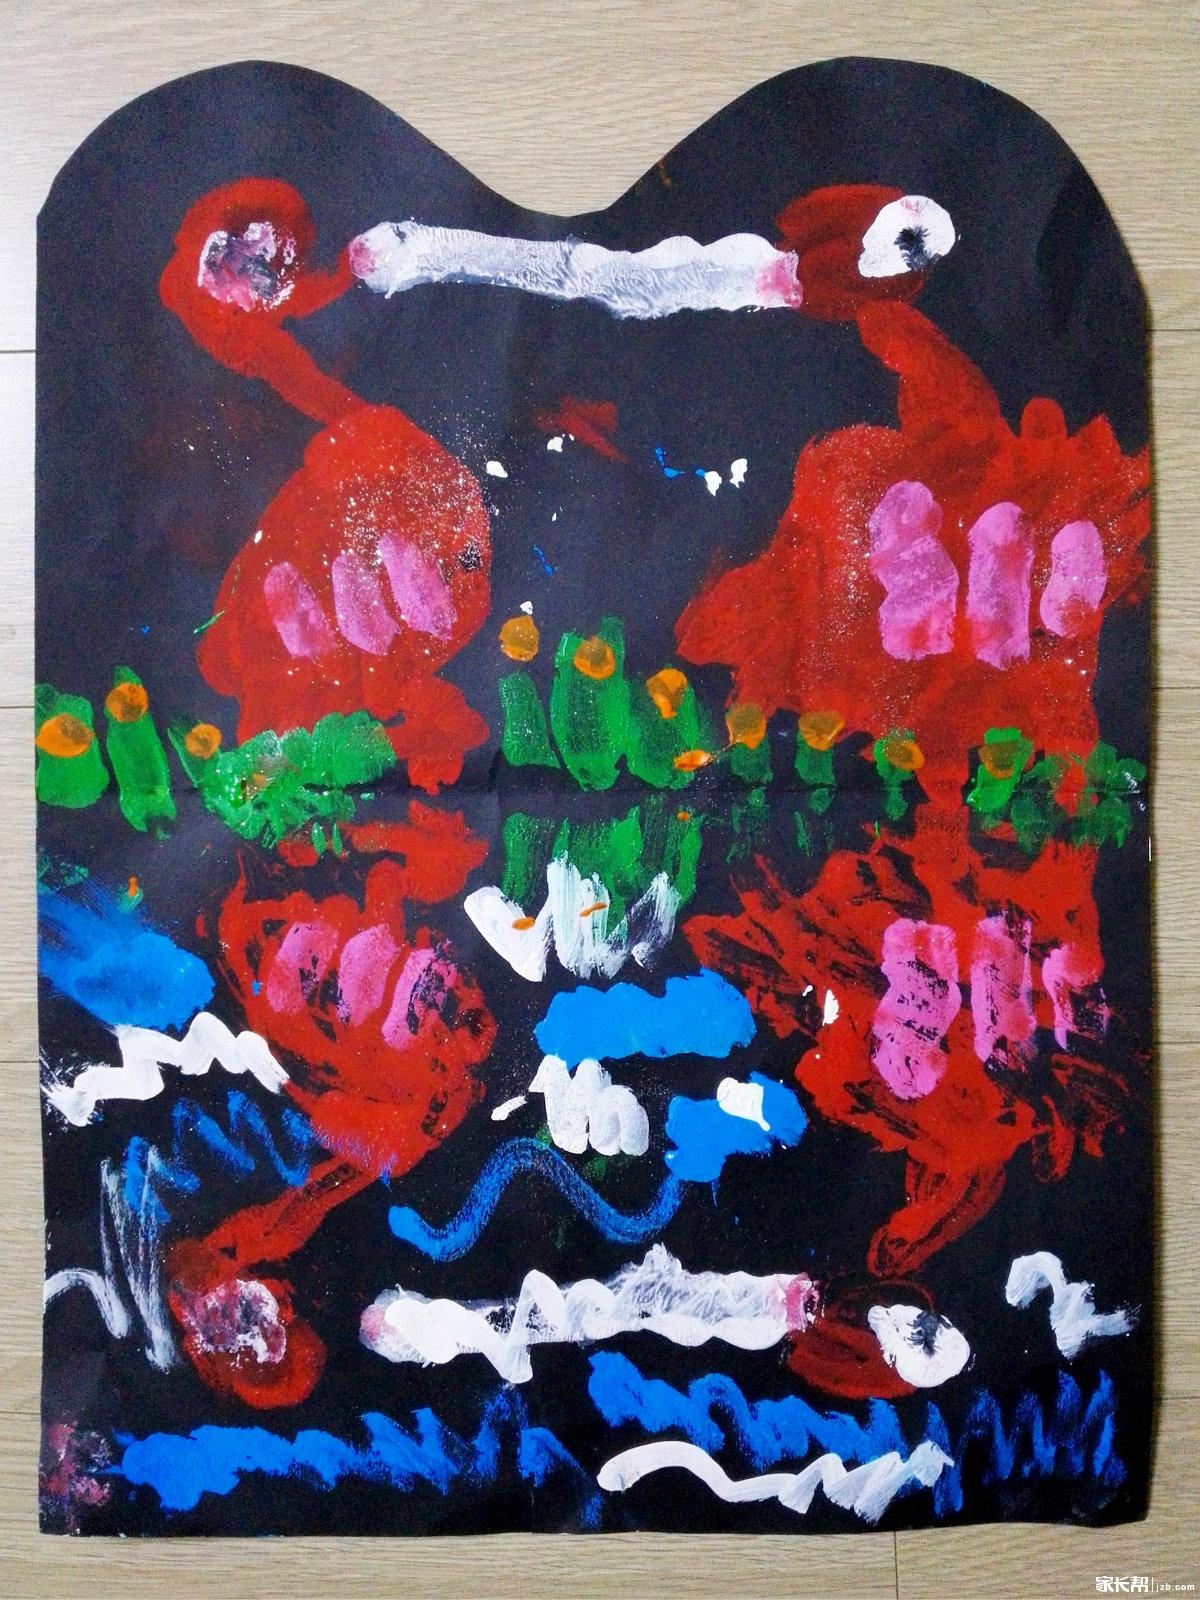 火烈鸟——把画纸一折一印,水中火烈鸟的倒影就出现了.jpg